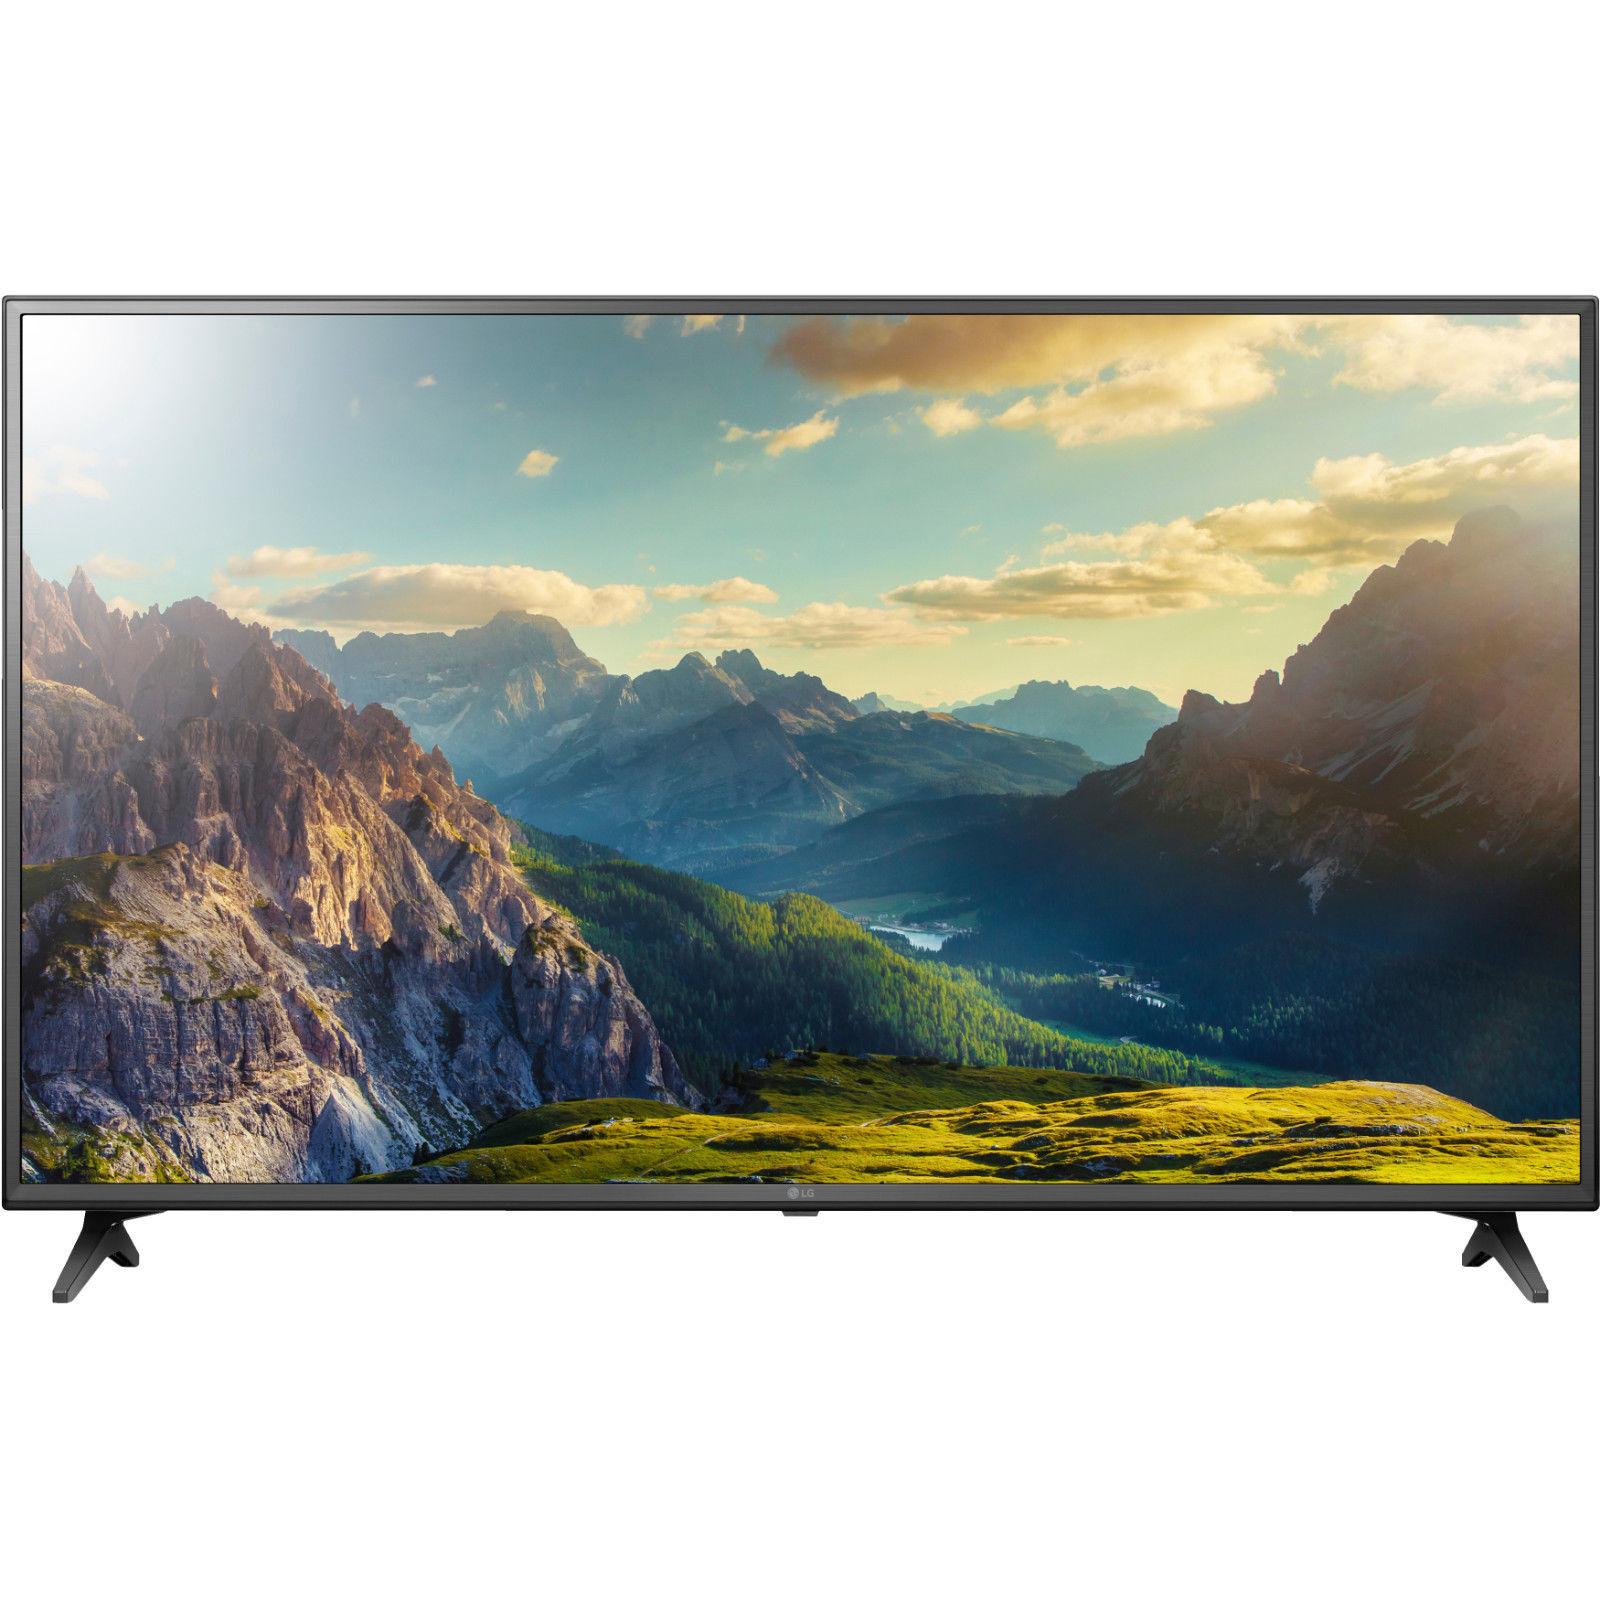 Telewizor LG 60UK6200PLA 599 eur